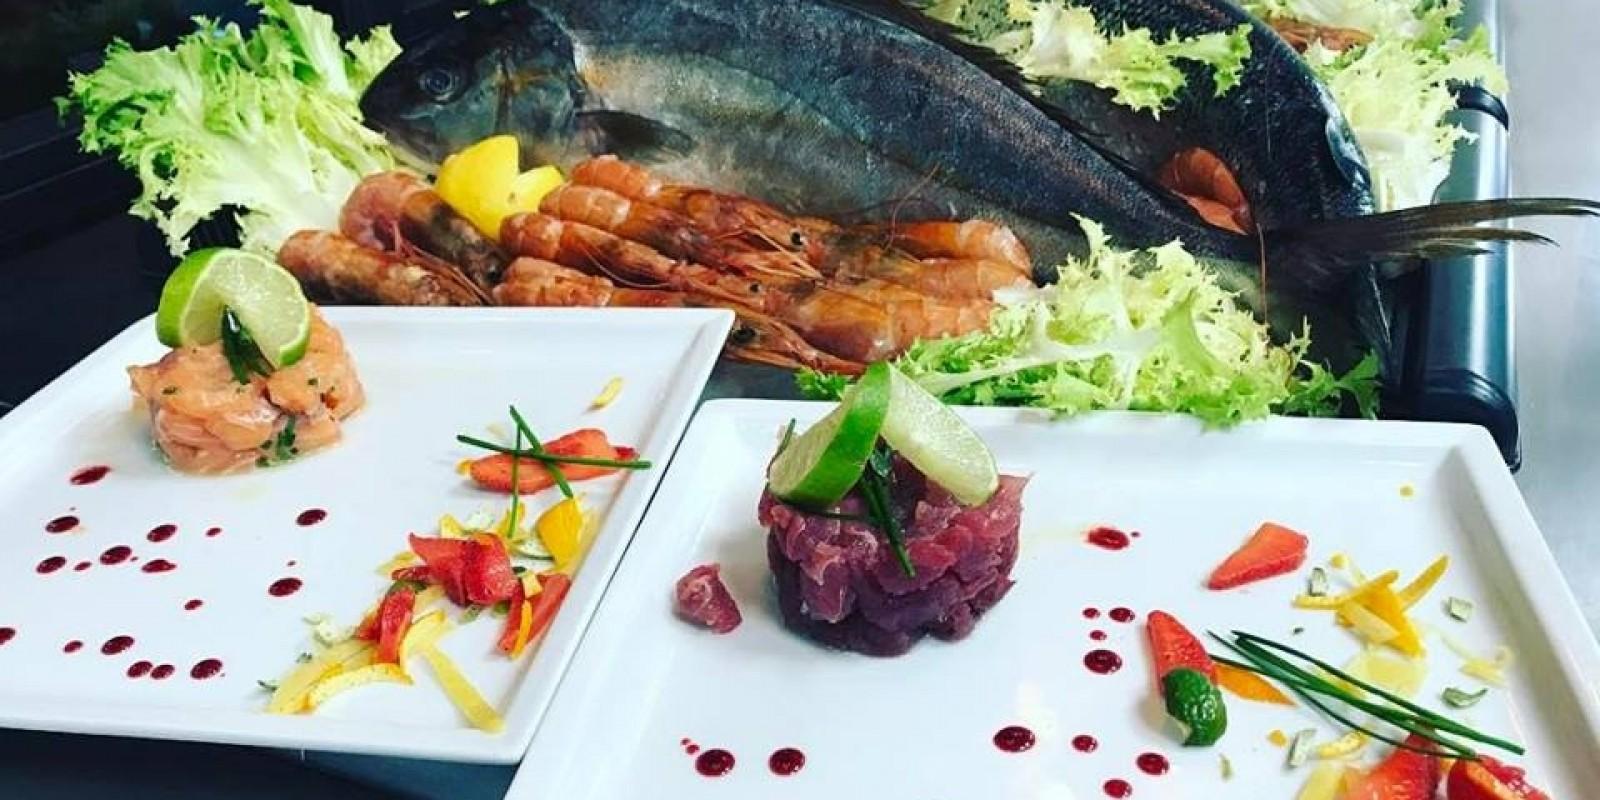 Cucina creativa di mare: i ristoranti di Milano da conoscere